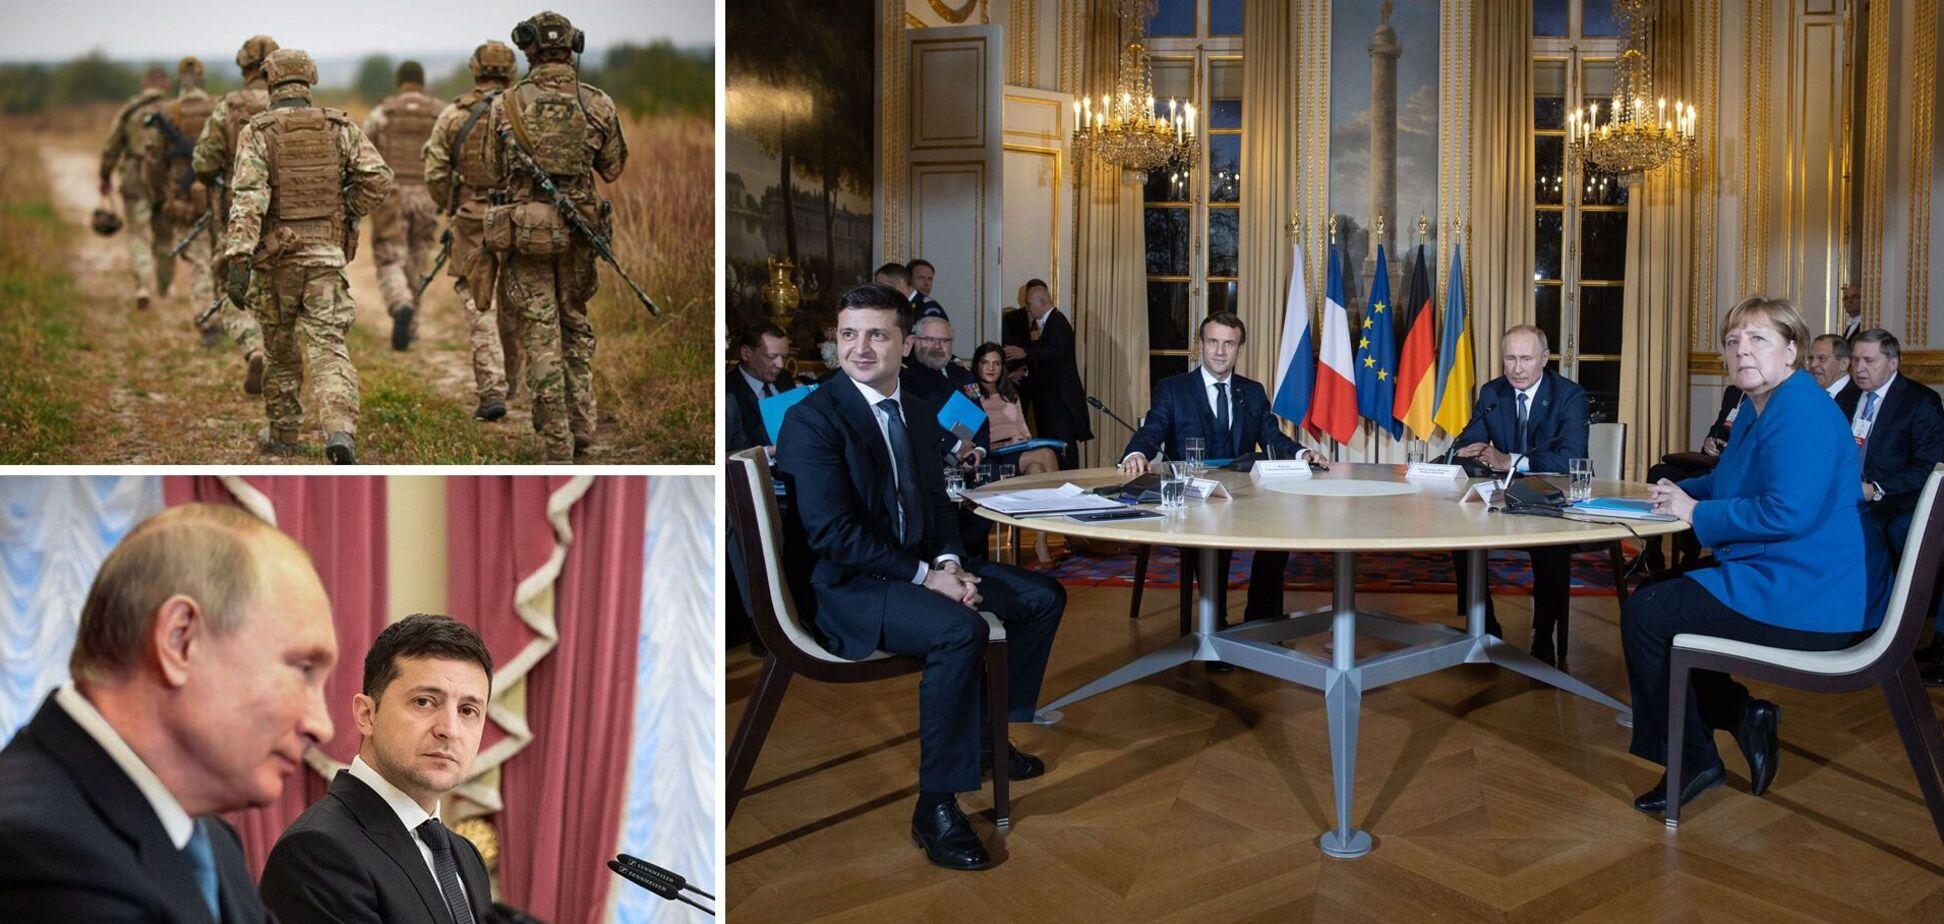 Путин избегает Зеленского? Почему 'золотой мост' на Донбассе не устроил РФ и есть ли шанс на 'прорыв'